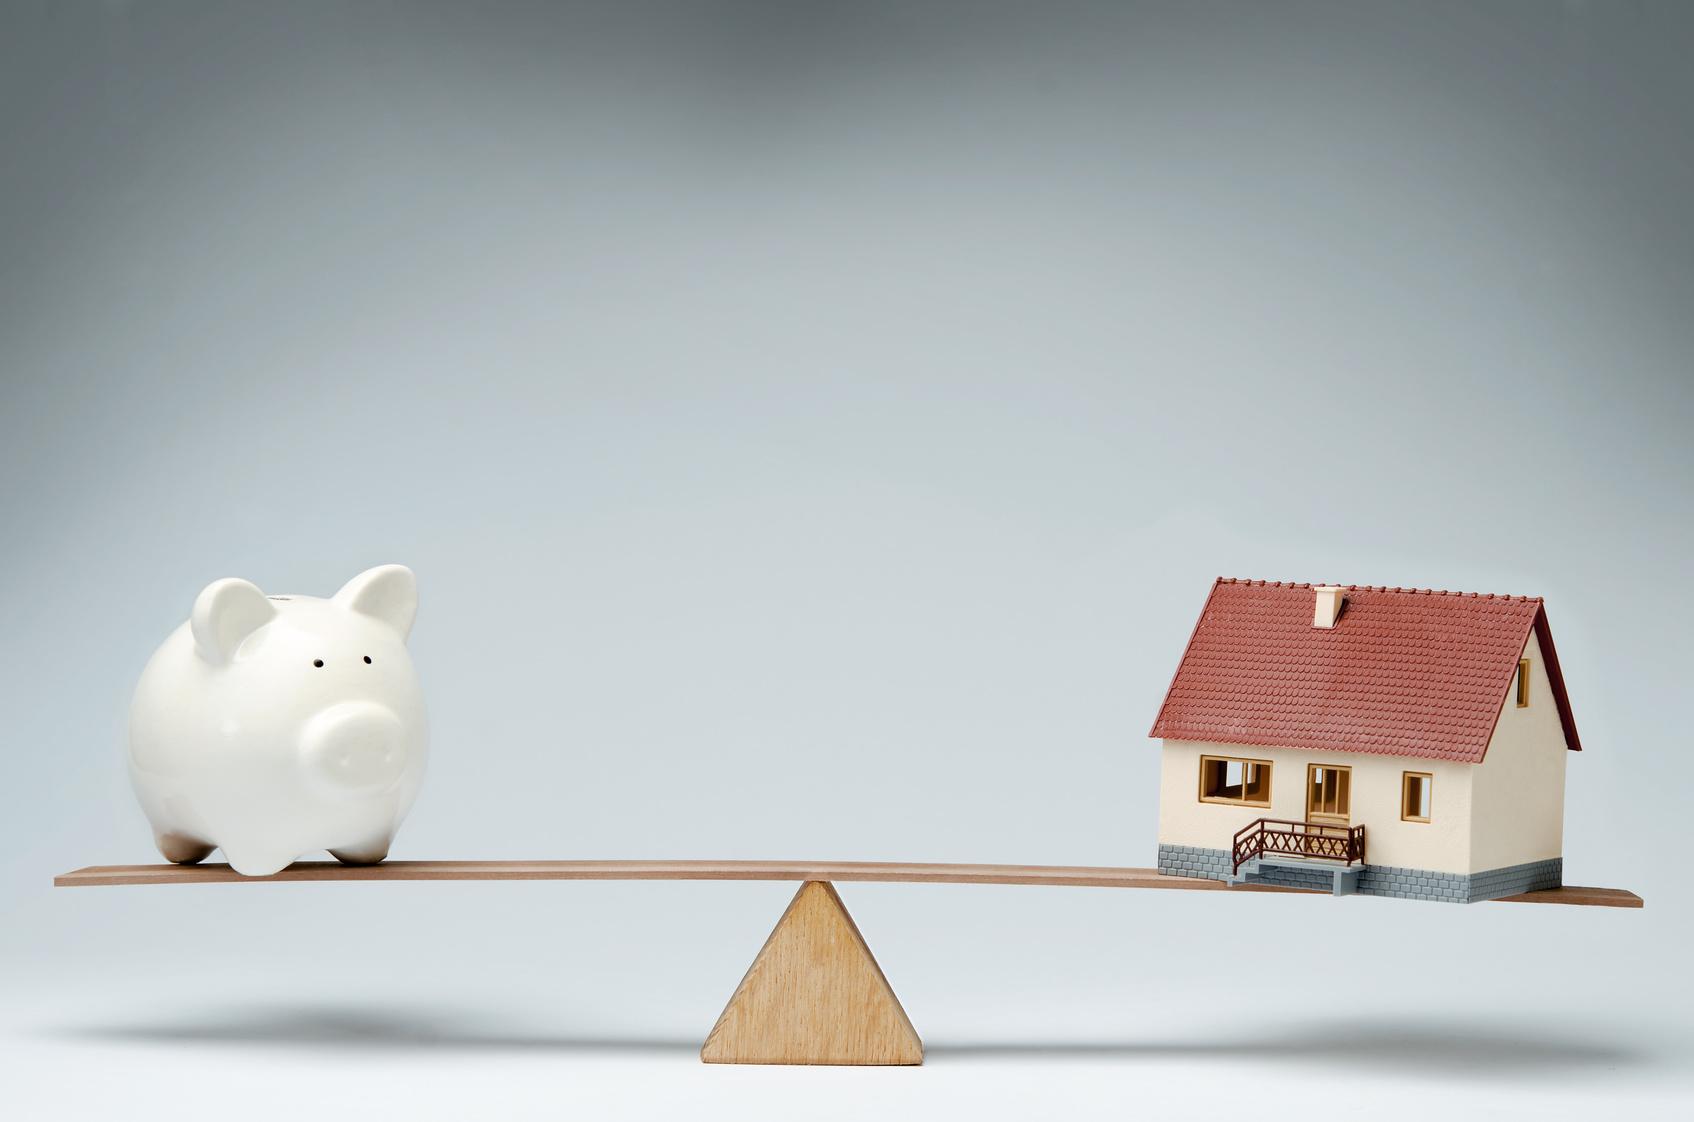 Légère augmentation des taux des crédits immobiliers